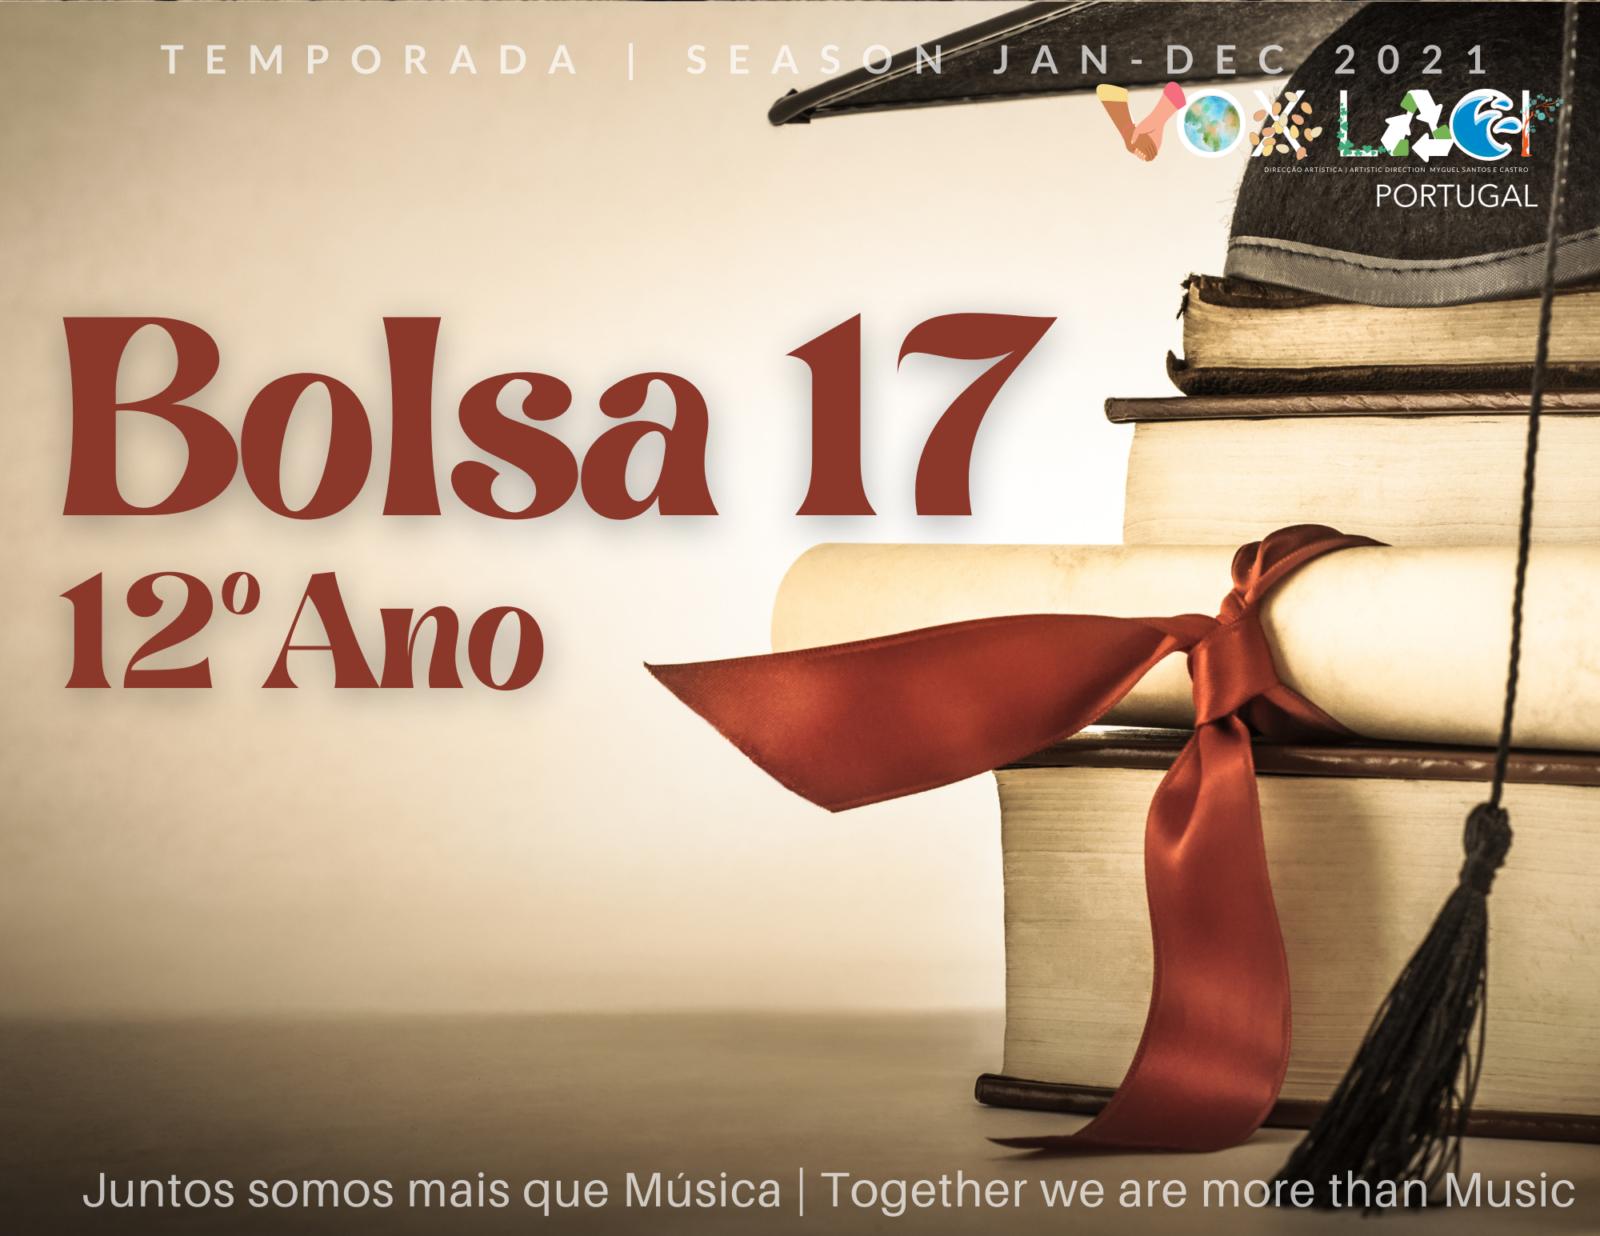 Bolsa17